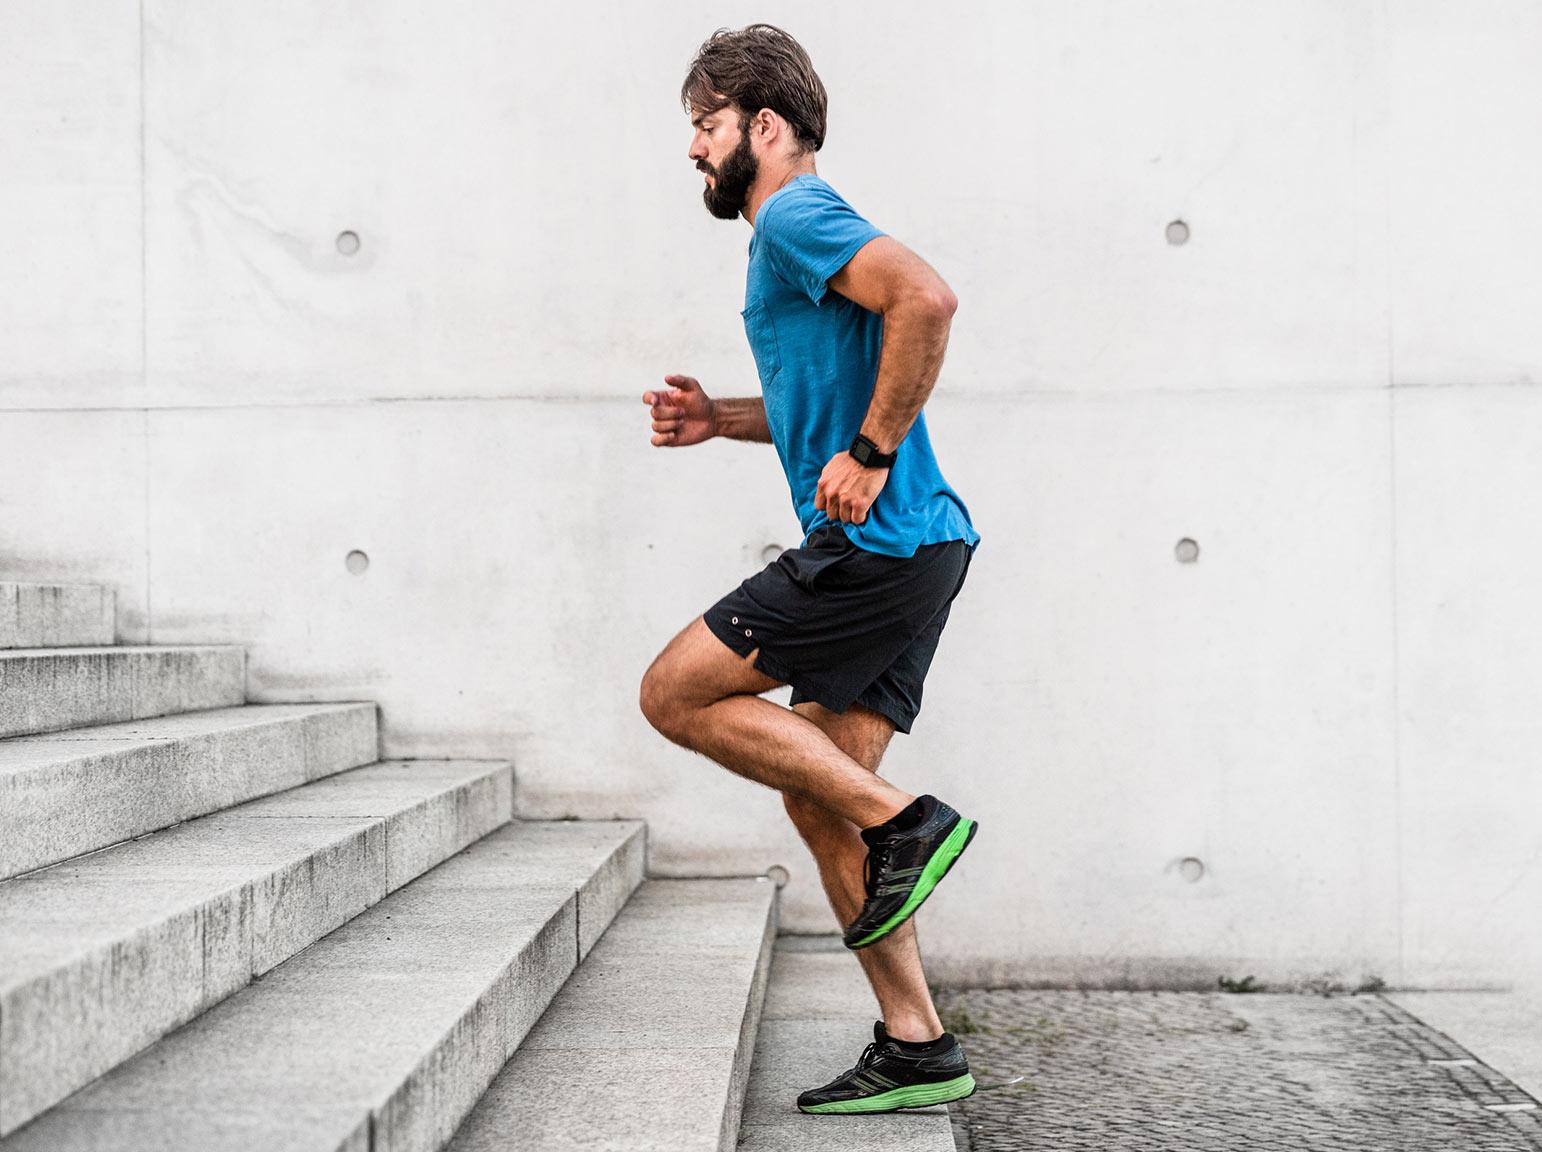 Laufschuhberater | Welche Laufschuhe passen zu mir? | ZALANDO